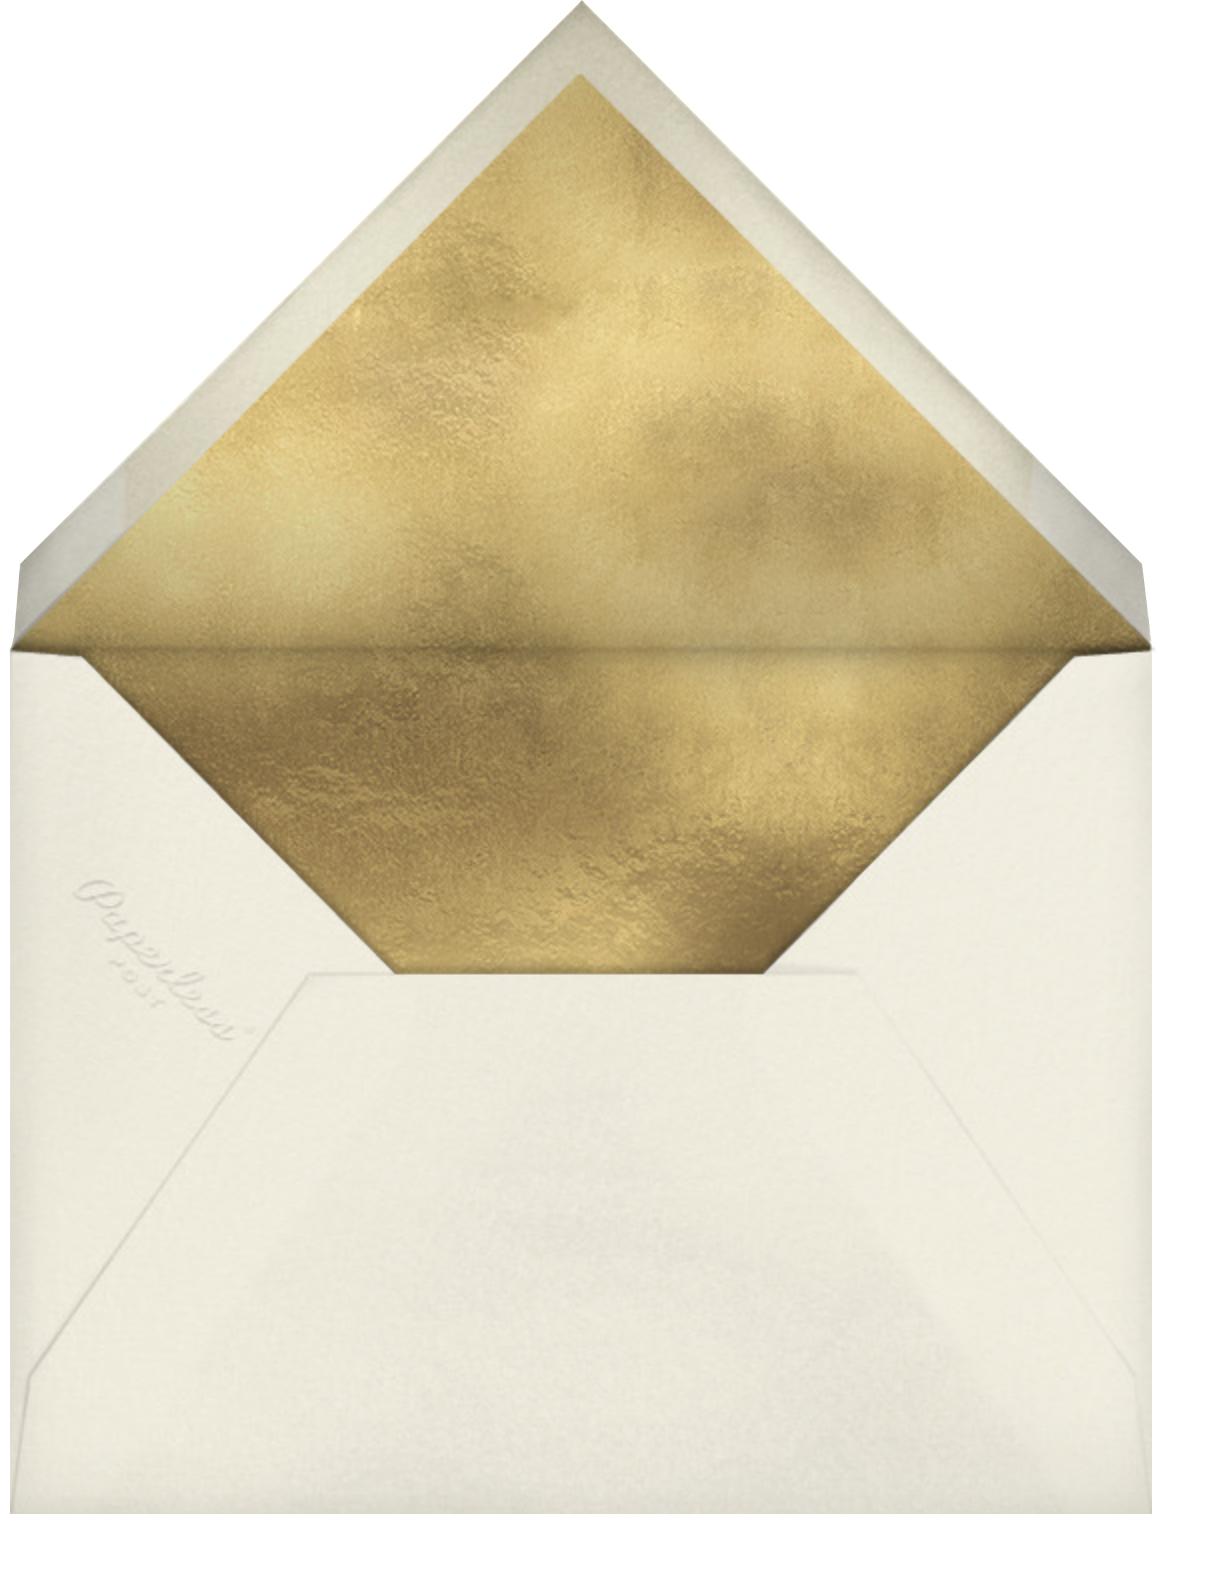 Fab Cab - kate spade new york - Envelope